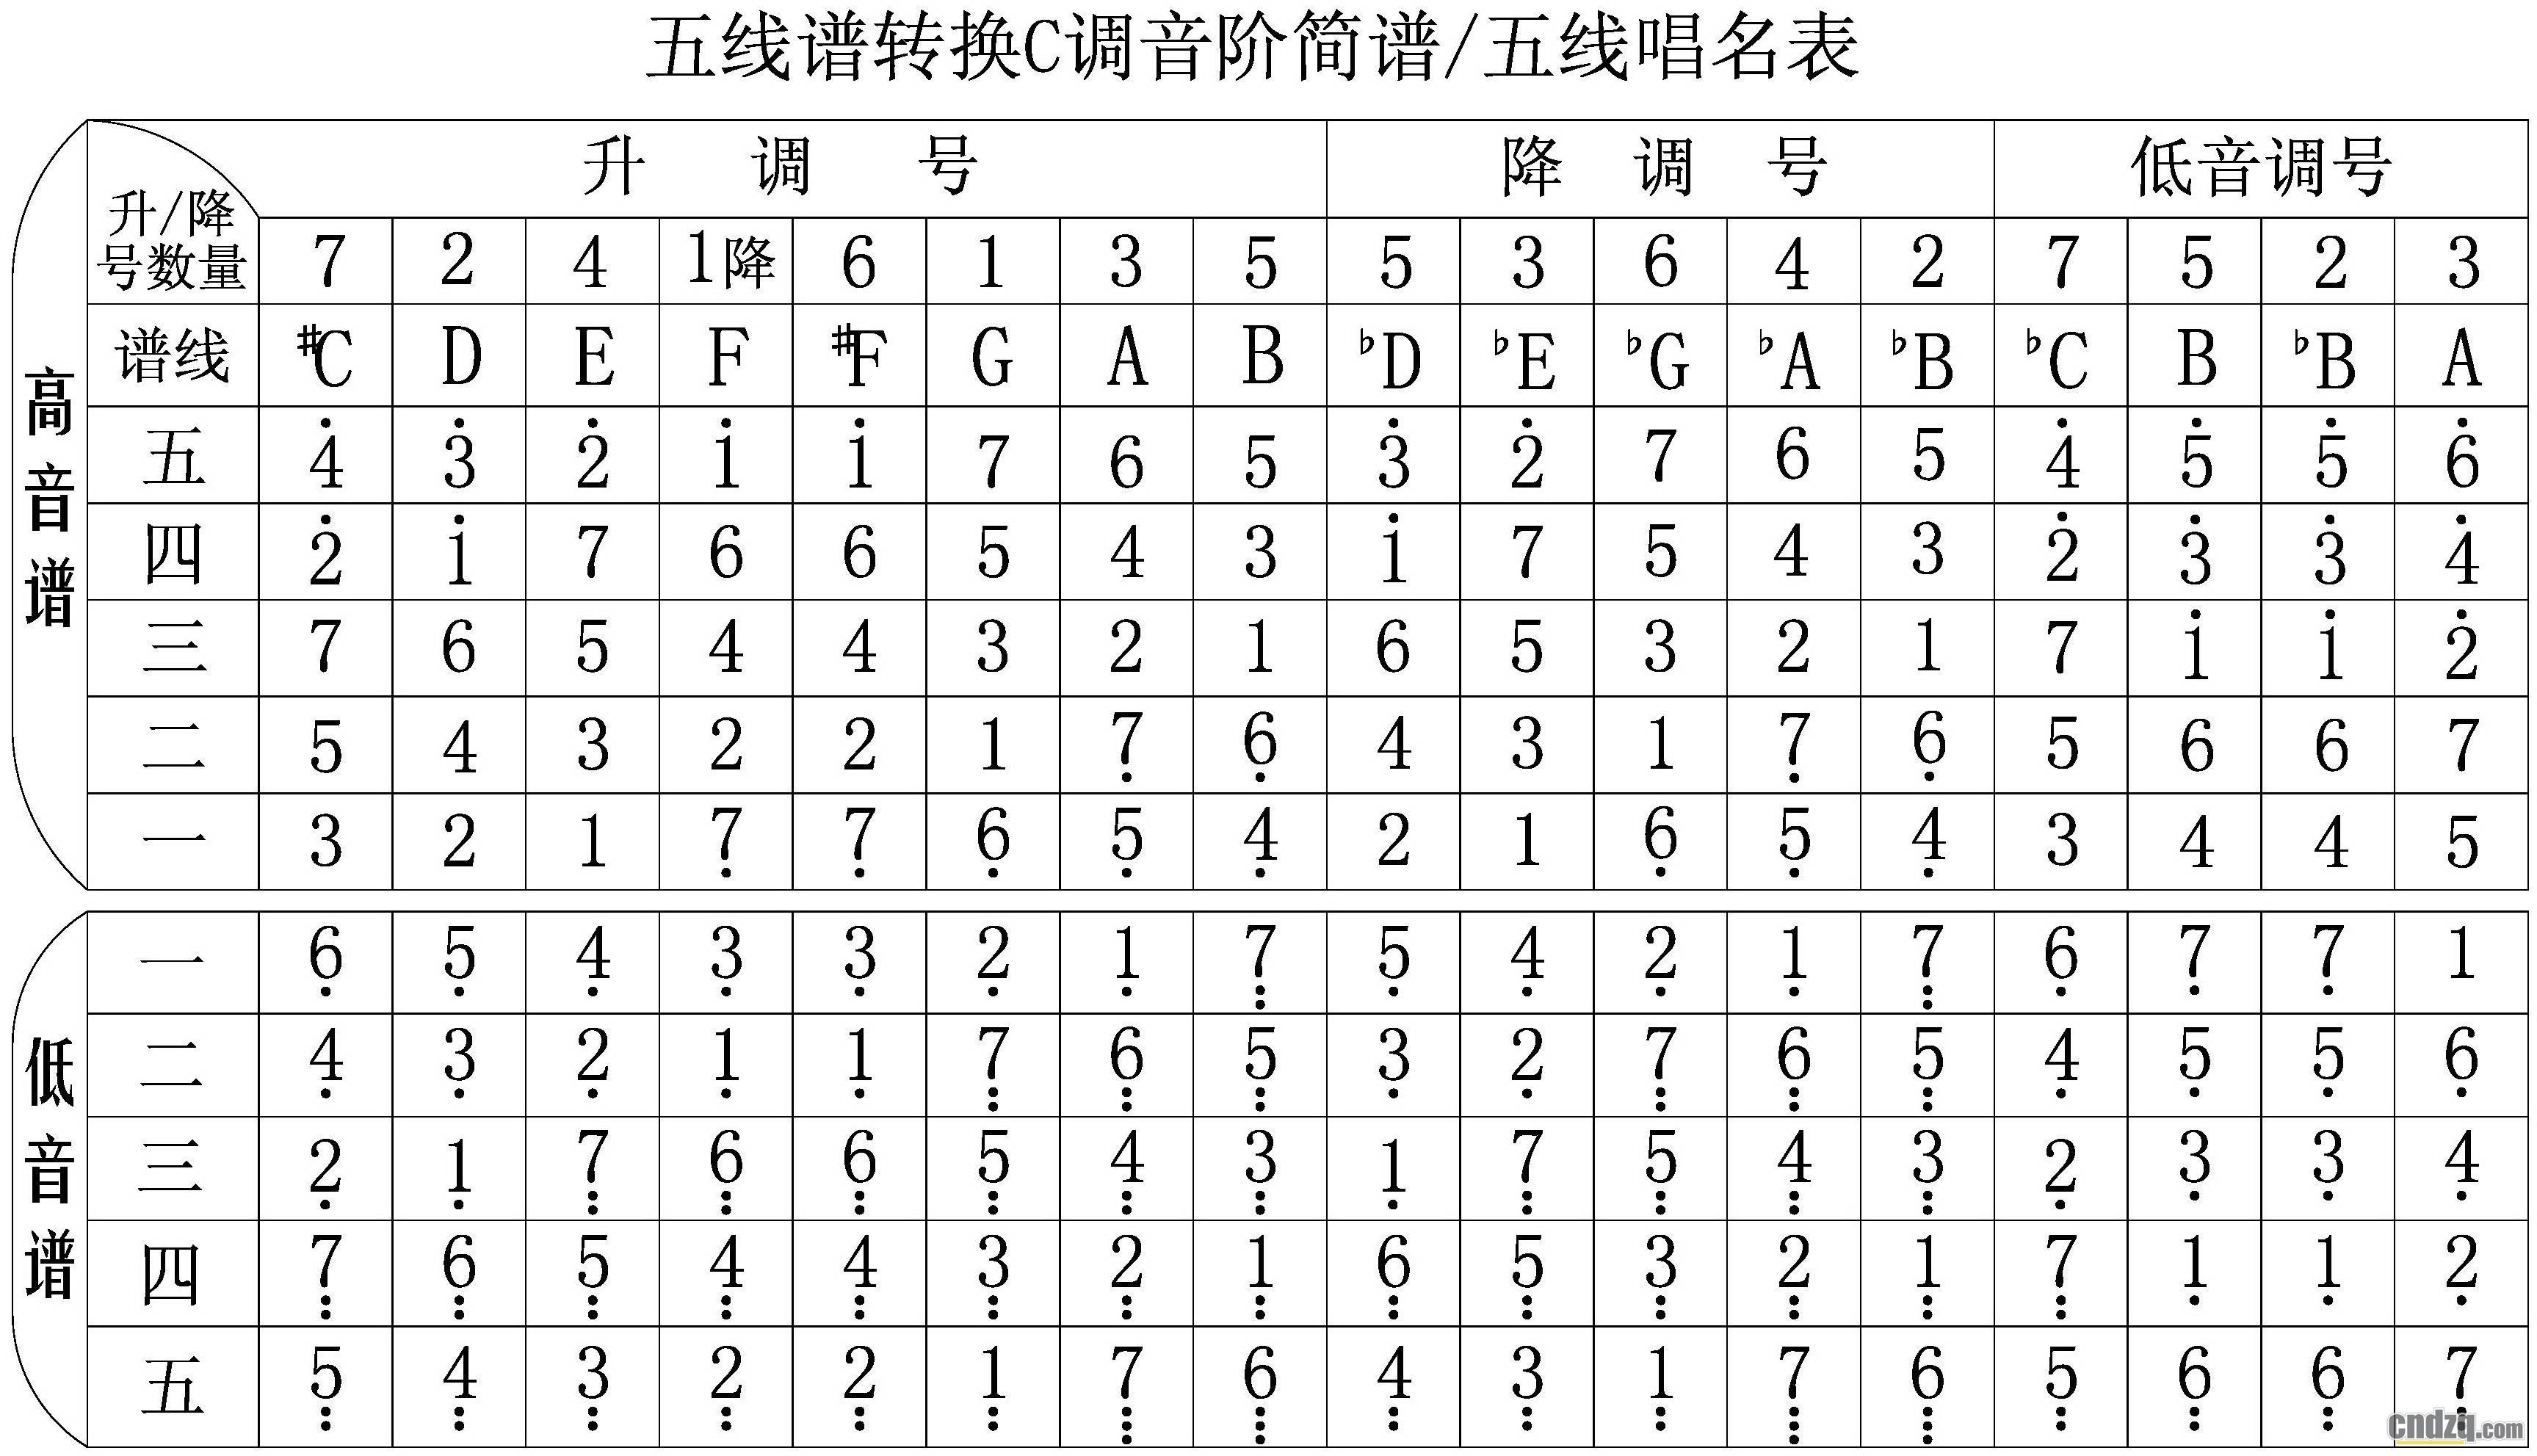 五线谱转换简谱有两招 - 中国电子琴在线论坛 -  by图片